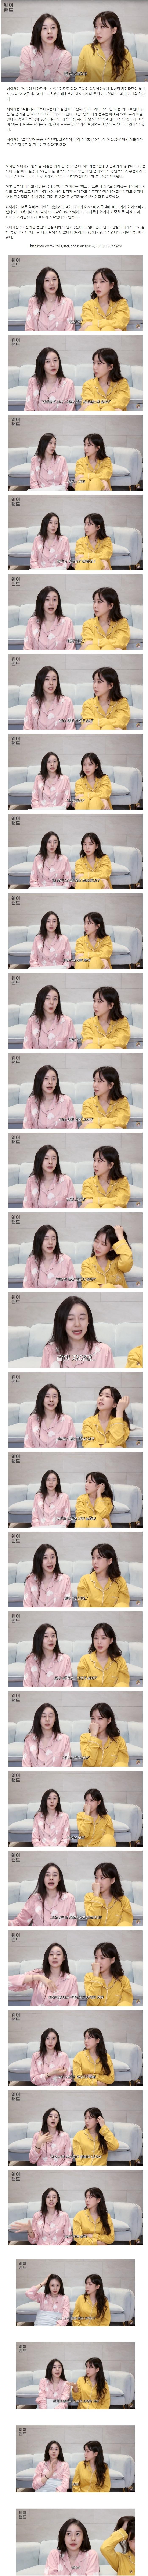 허이재에게 요구한 유부남 배우